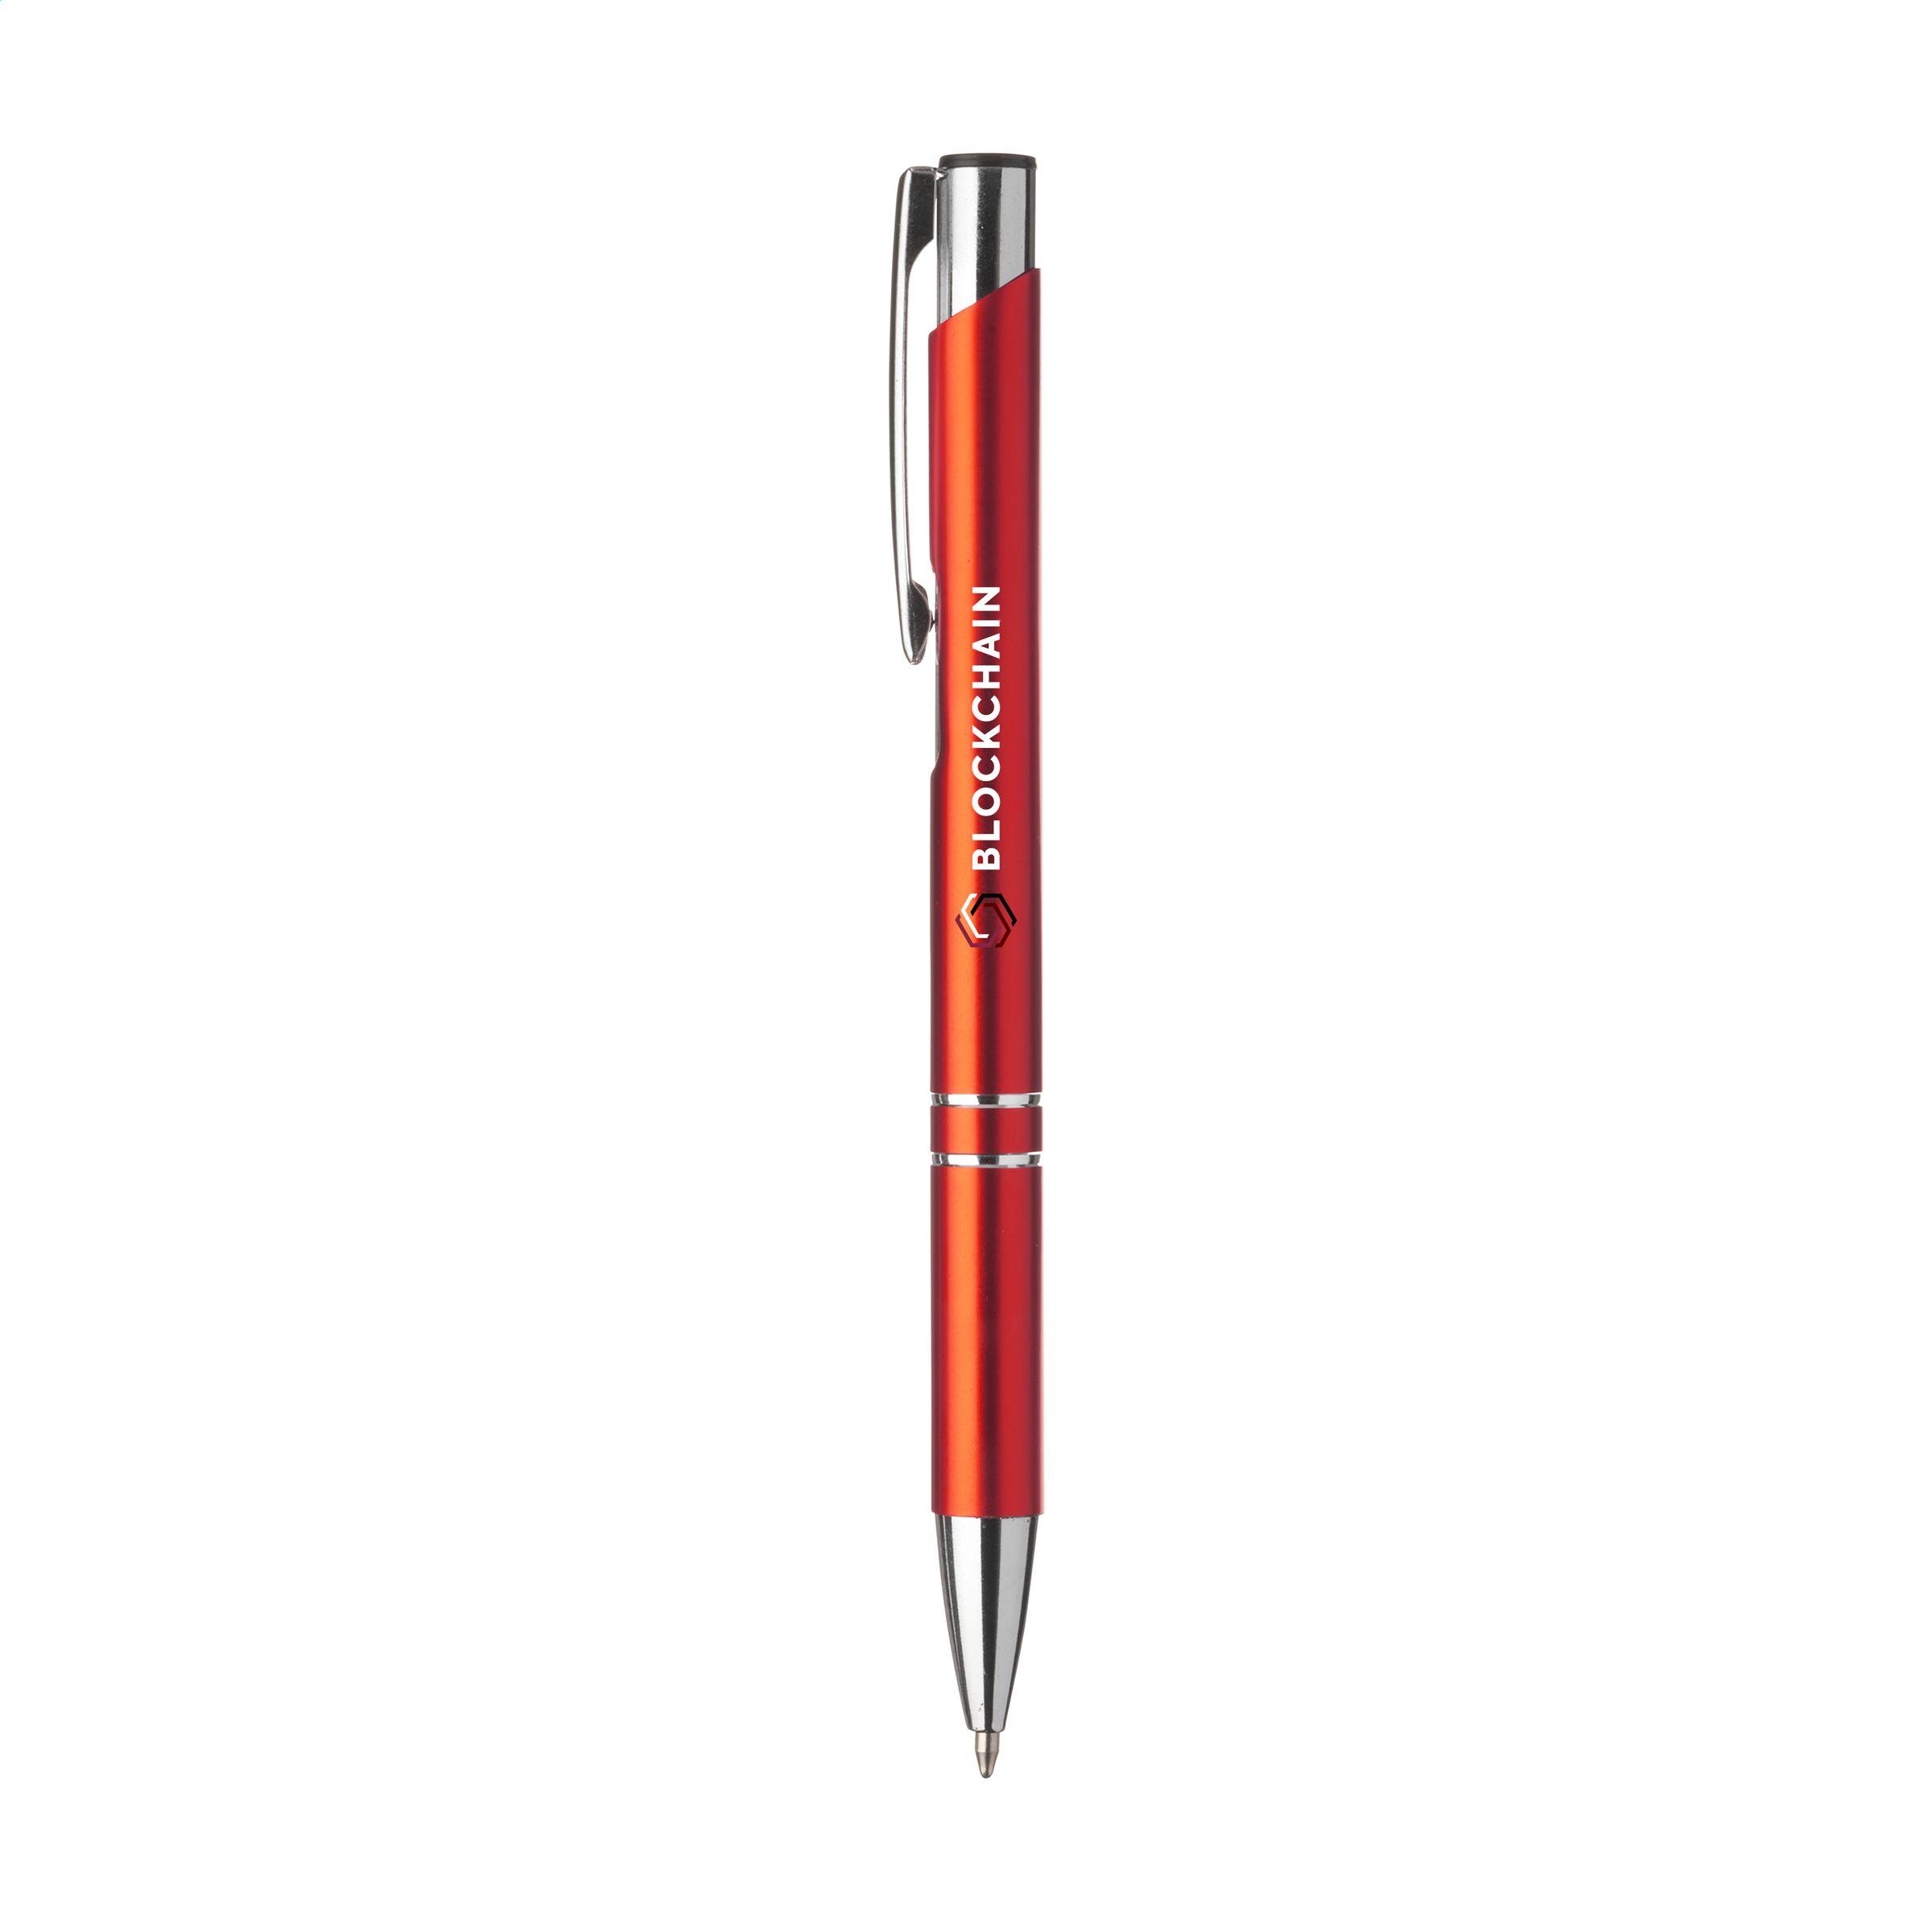 Bolígrafo de alta calidad de color azul disponible en Helloprint para personalizar con logo o imagen.